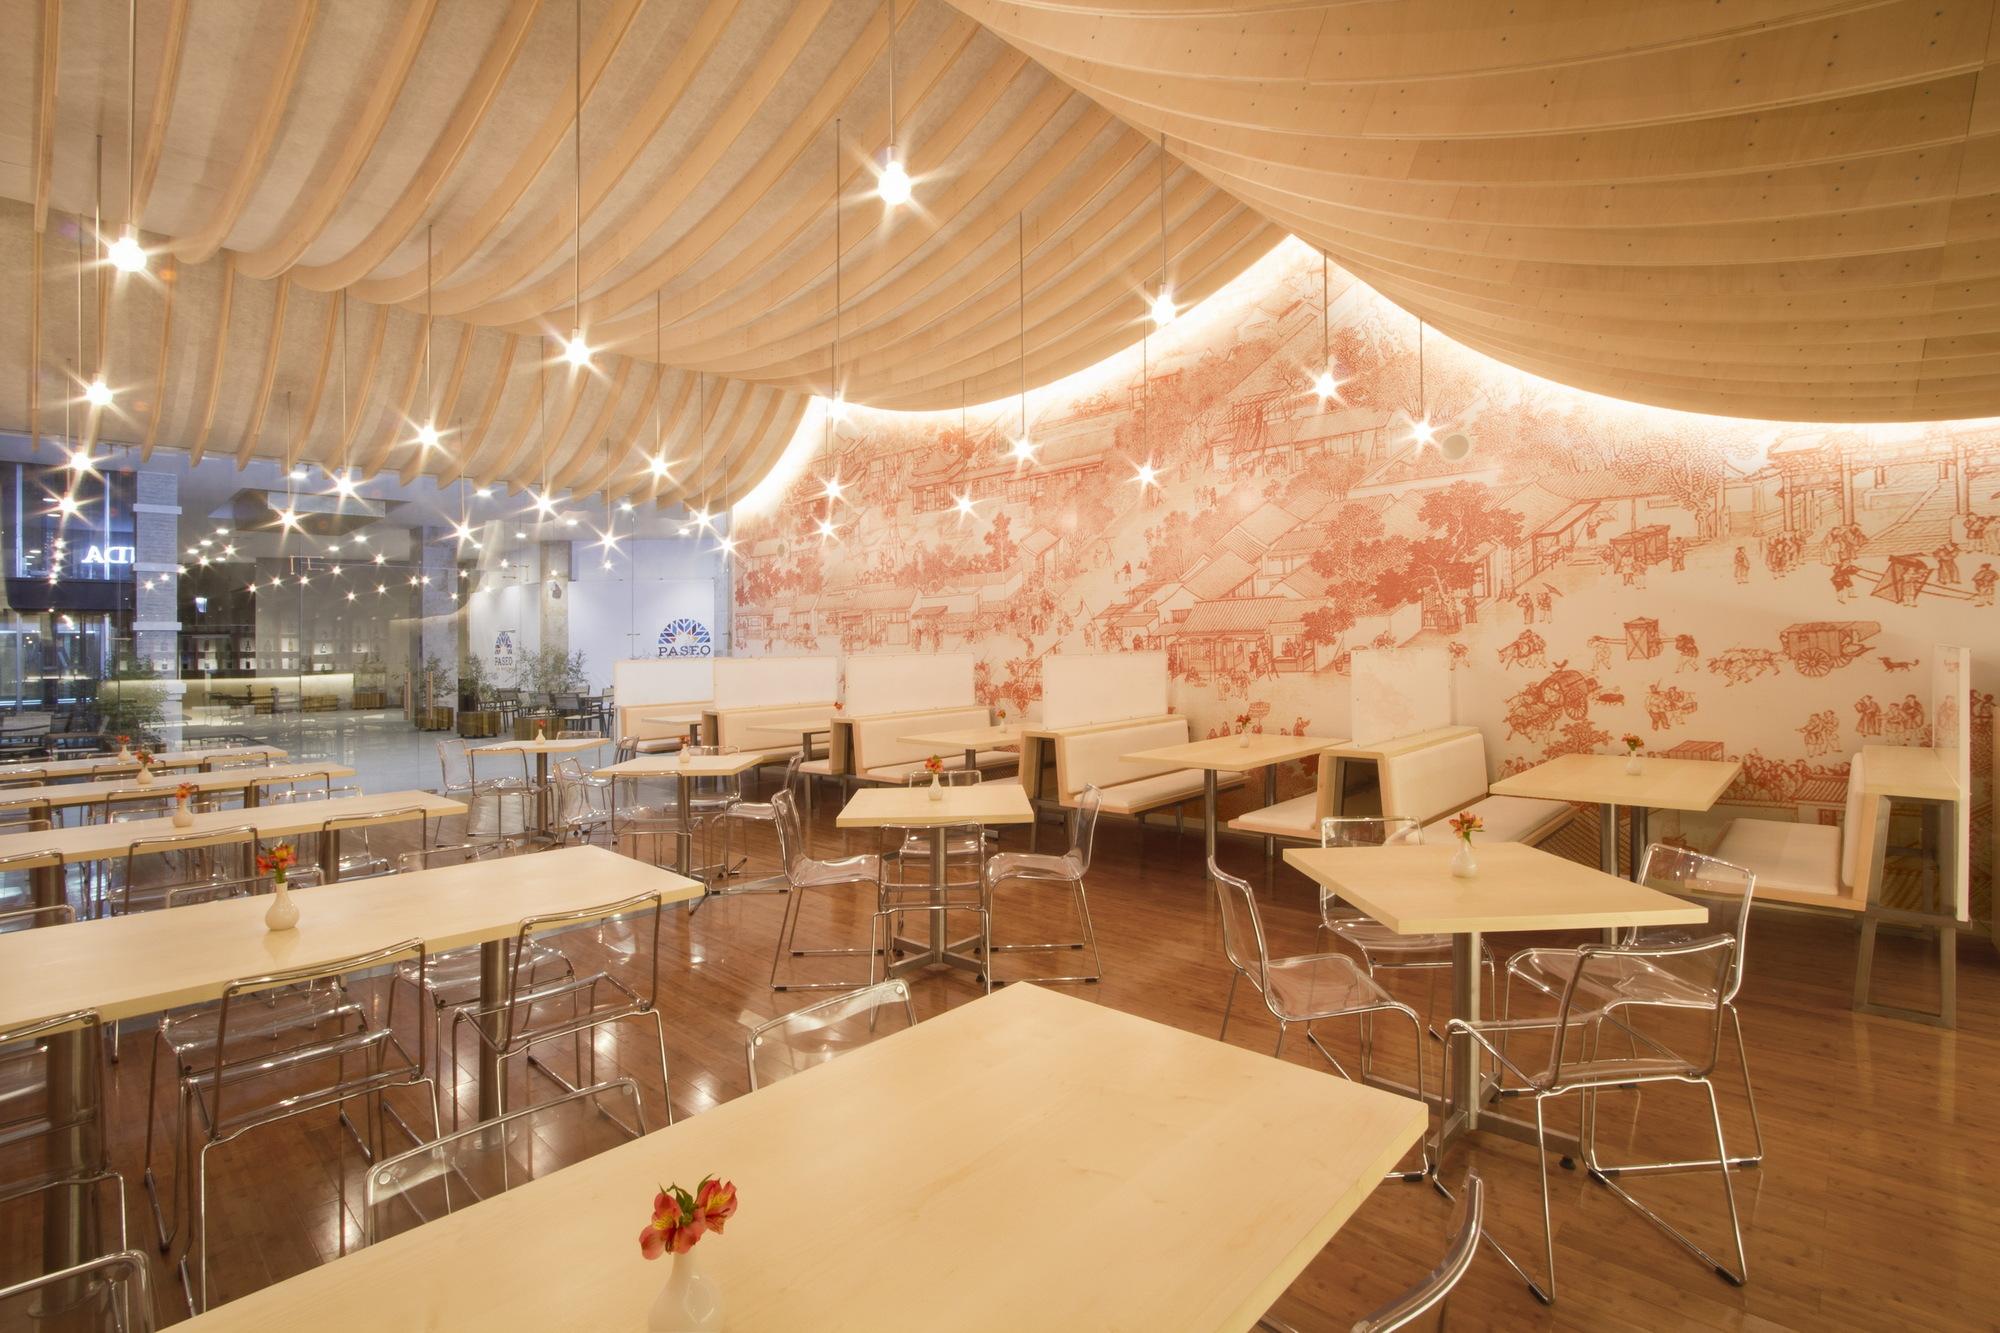 Dise o de interiores de restaurante for Estilo moderno diseno de interiores